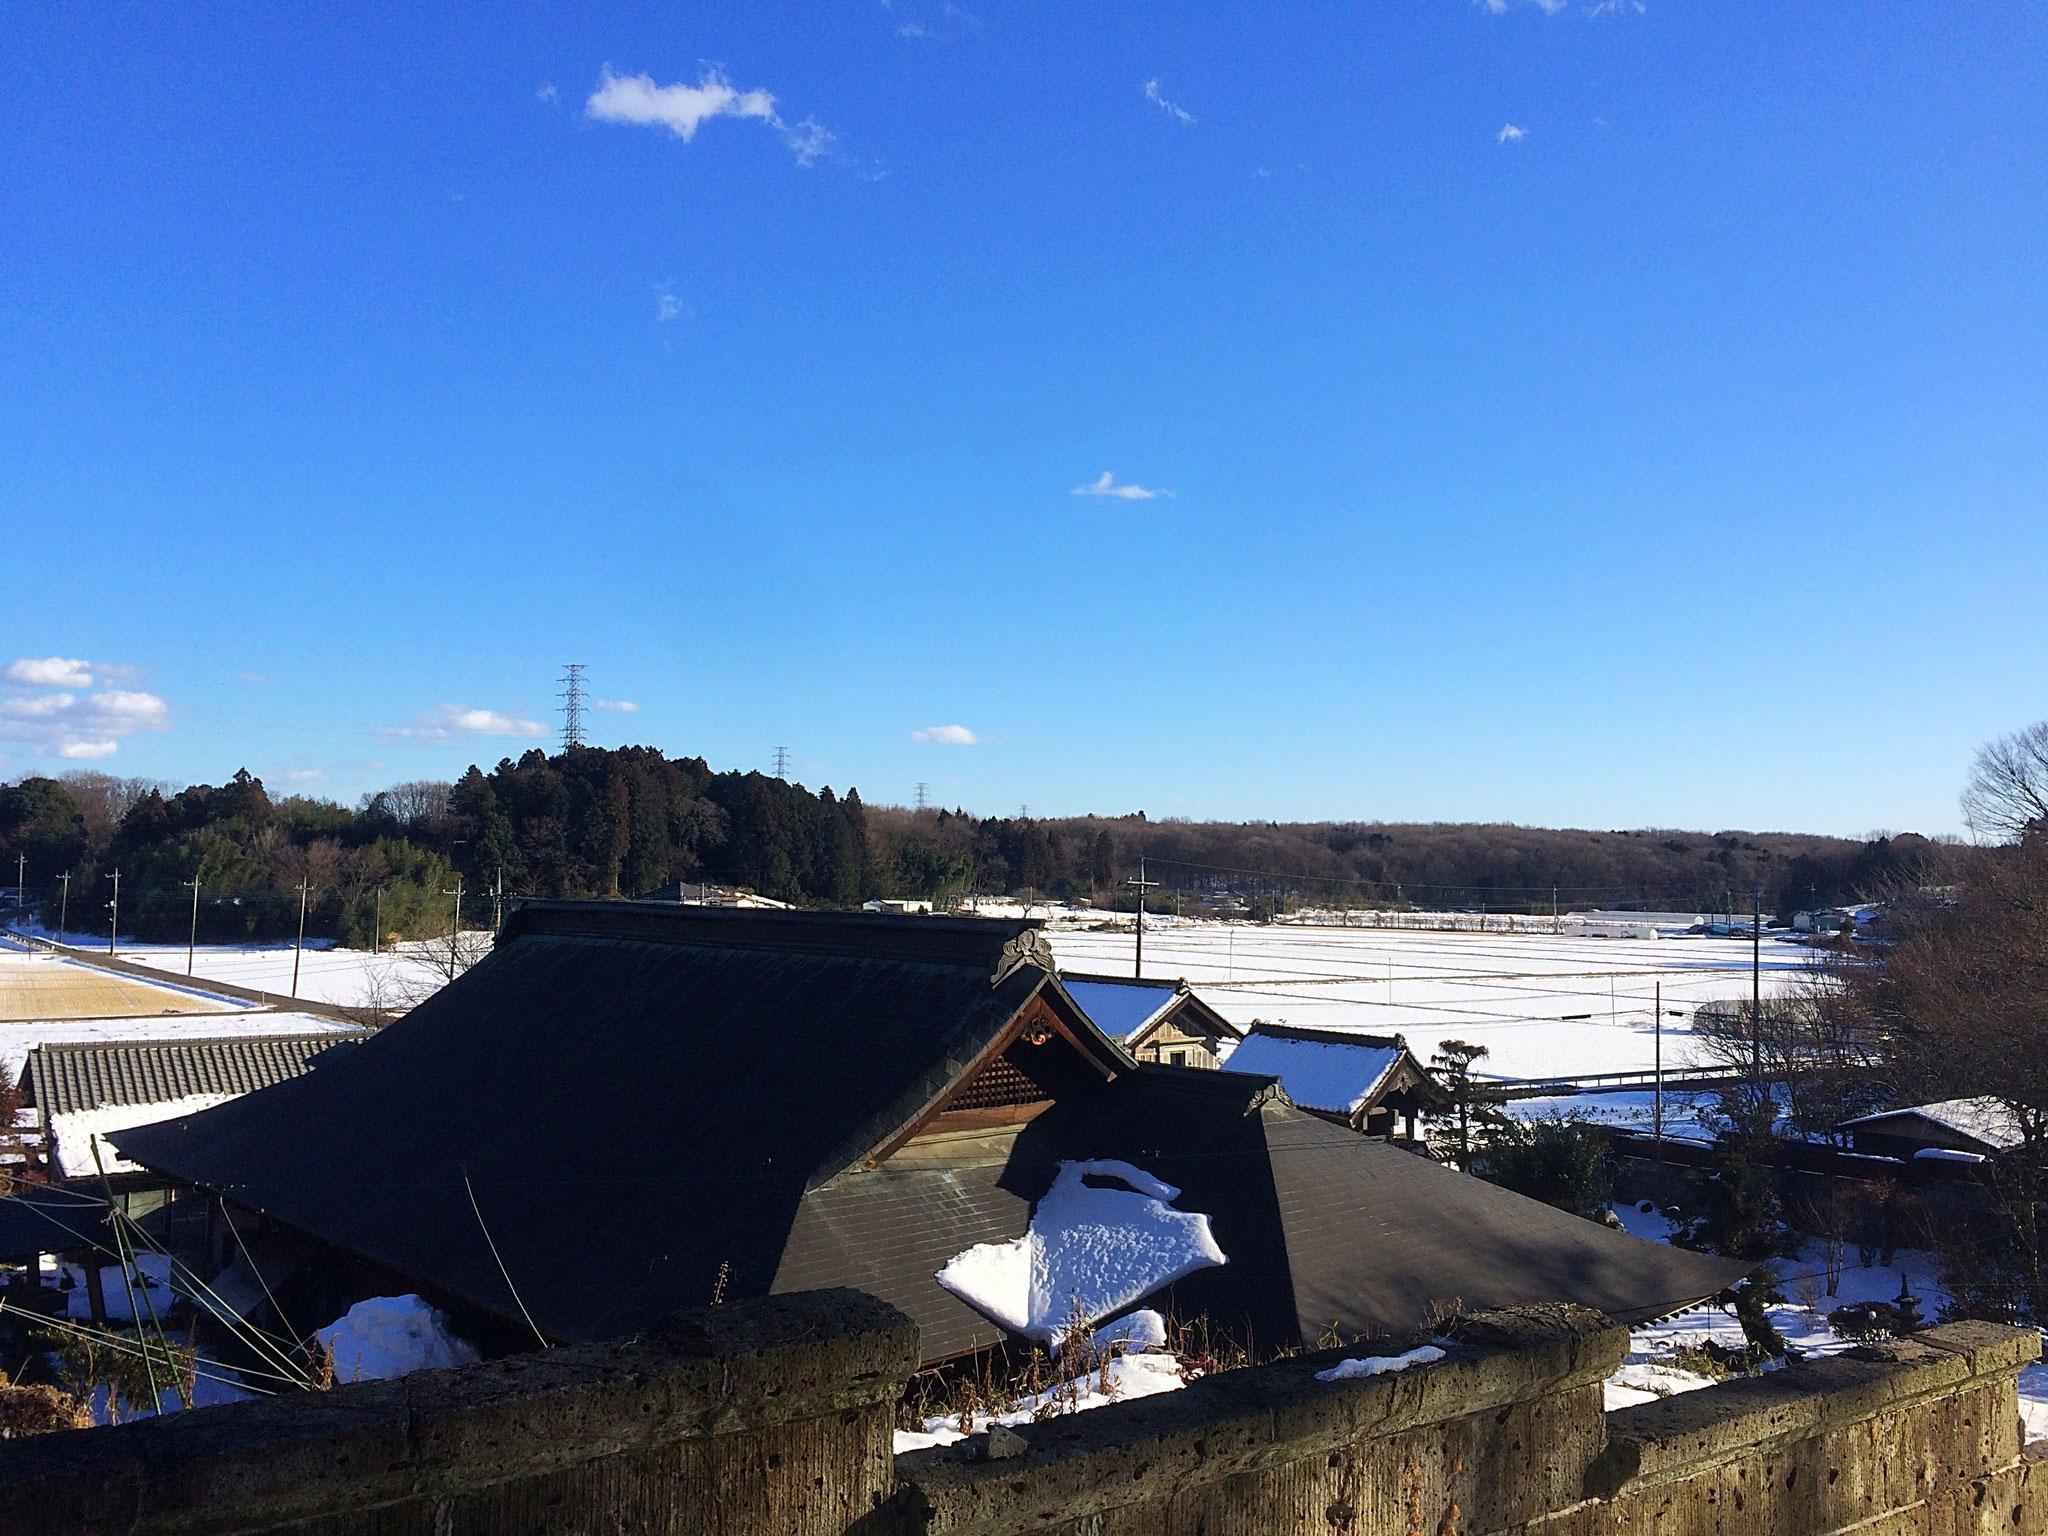 寒暖の差が大きく、冬の田畑に雪景色も広がる